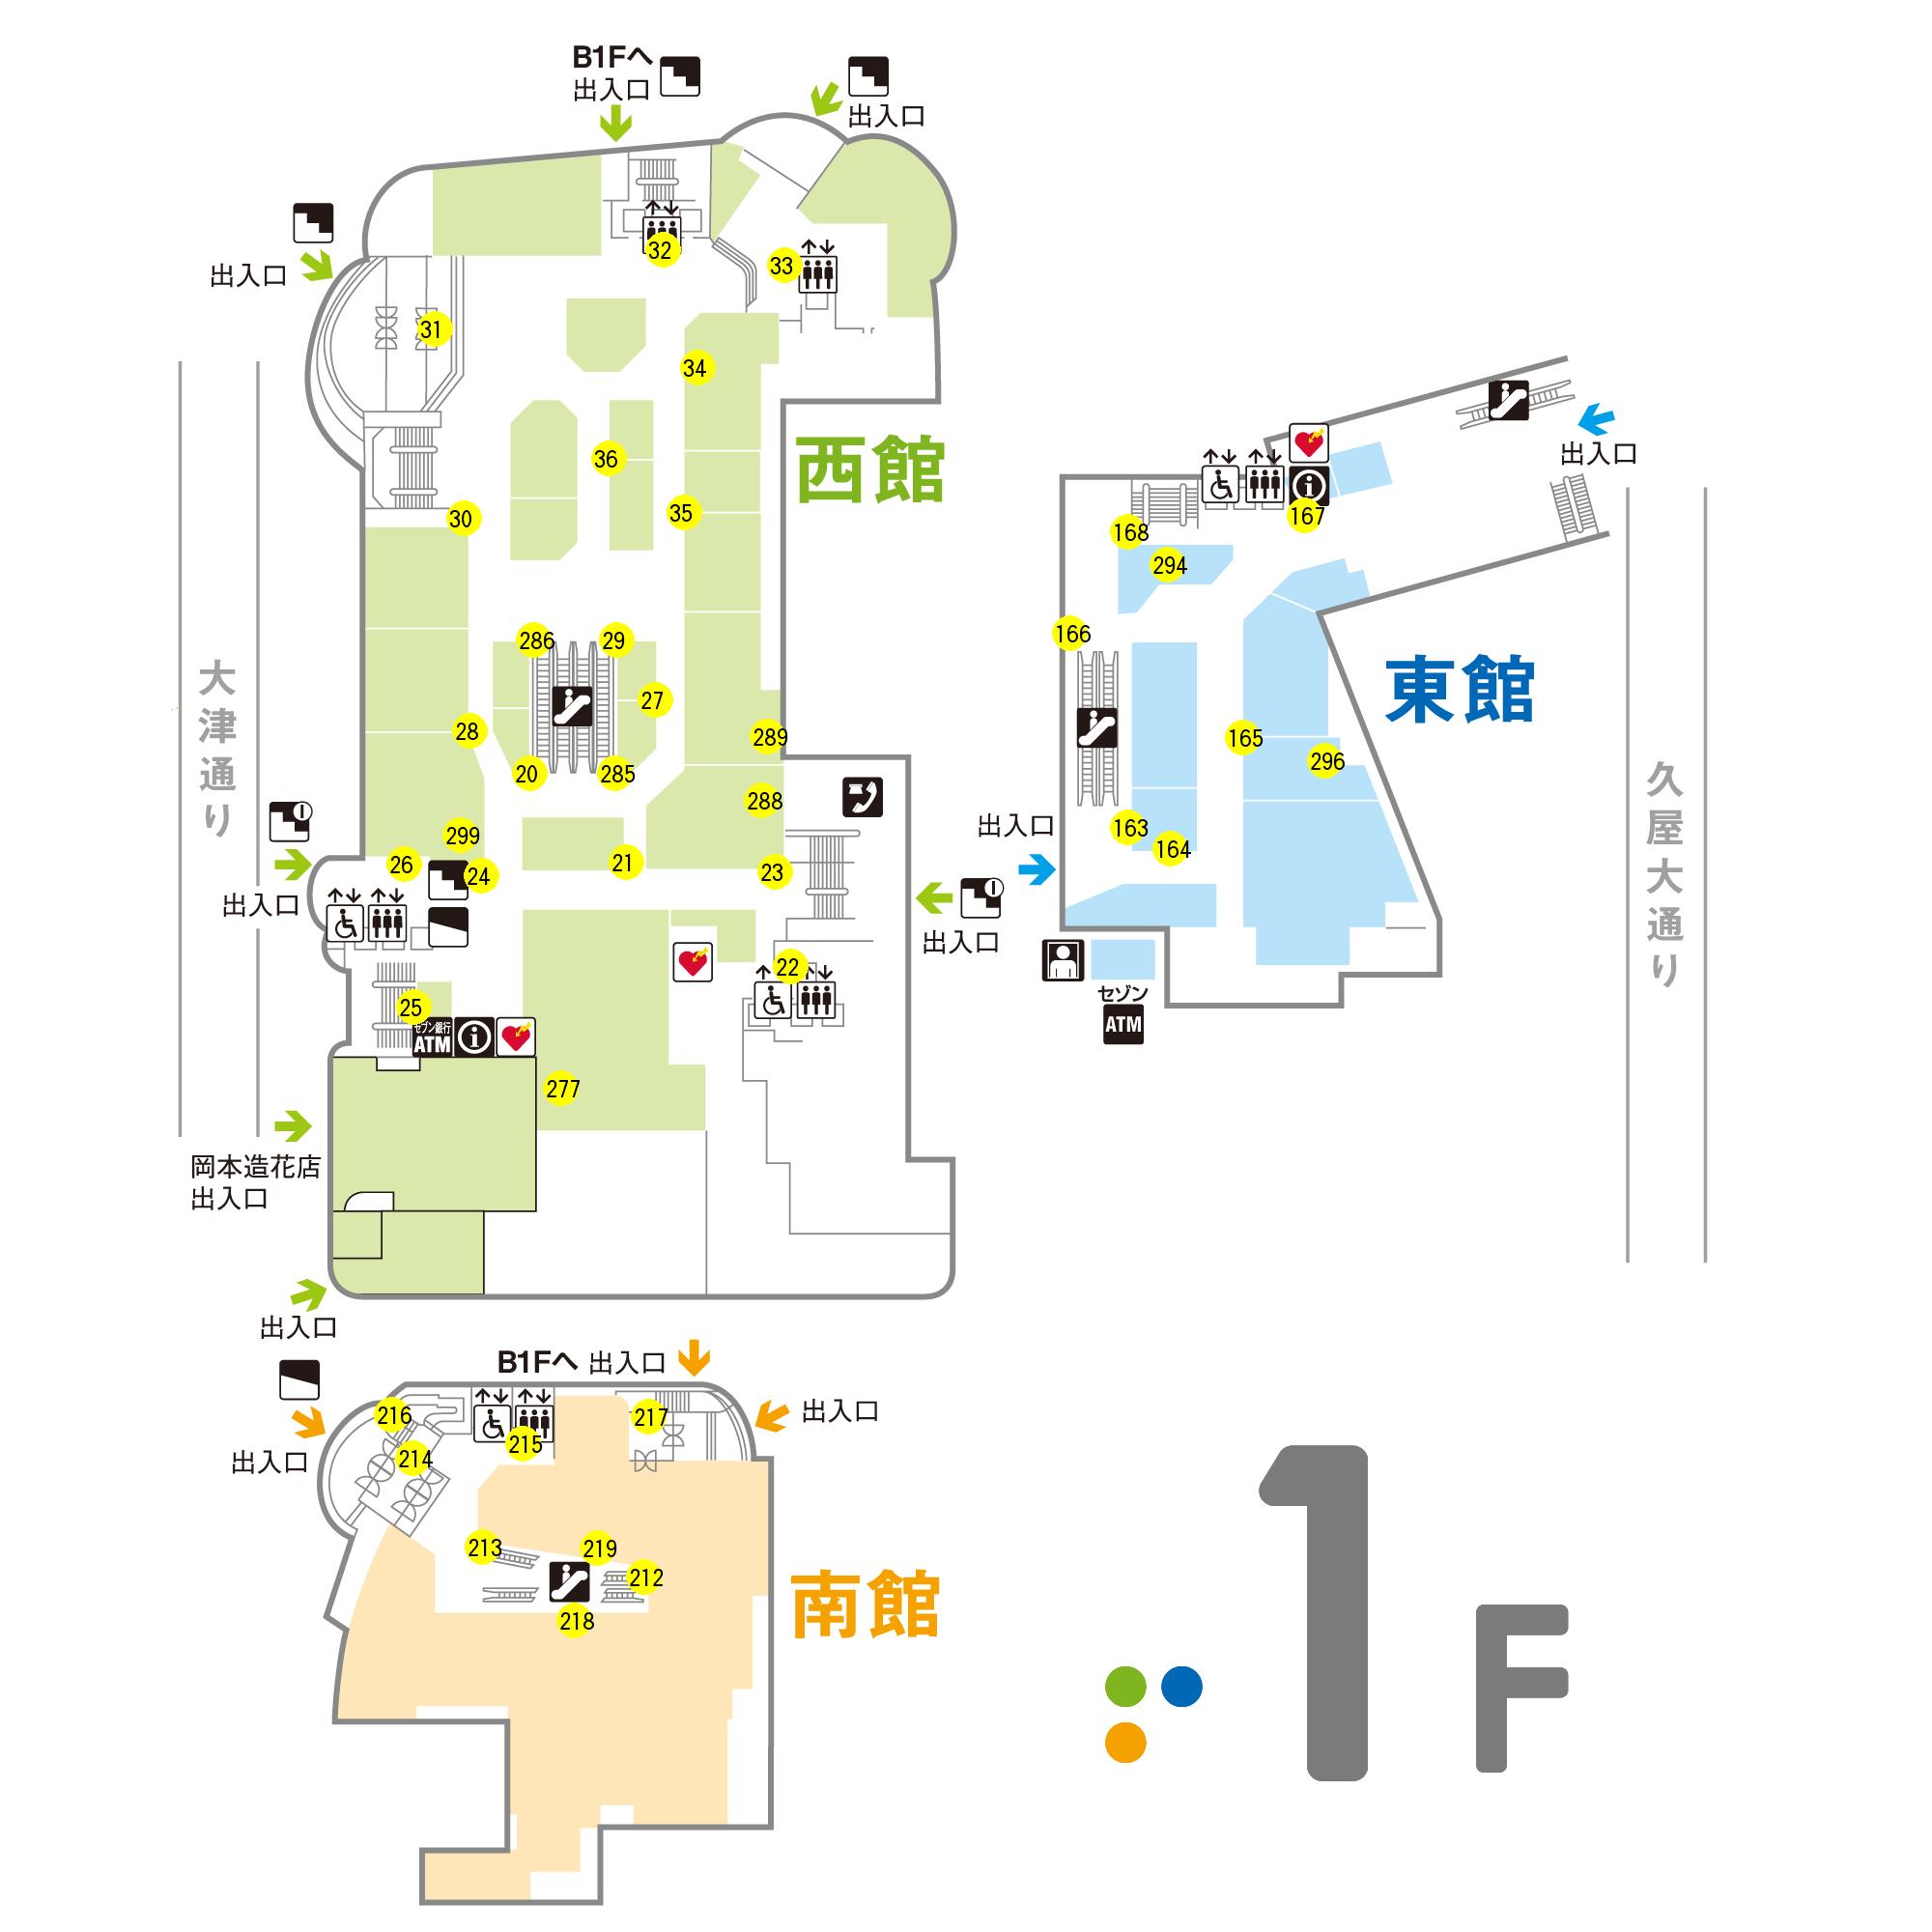 ビーコンの設置位置(画像提供:株式会社エンプライズ)